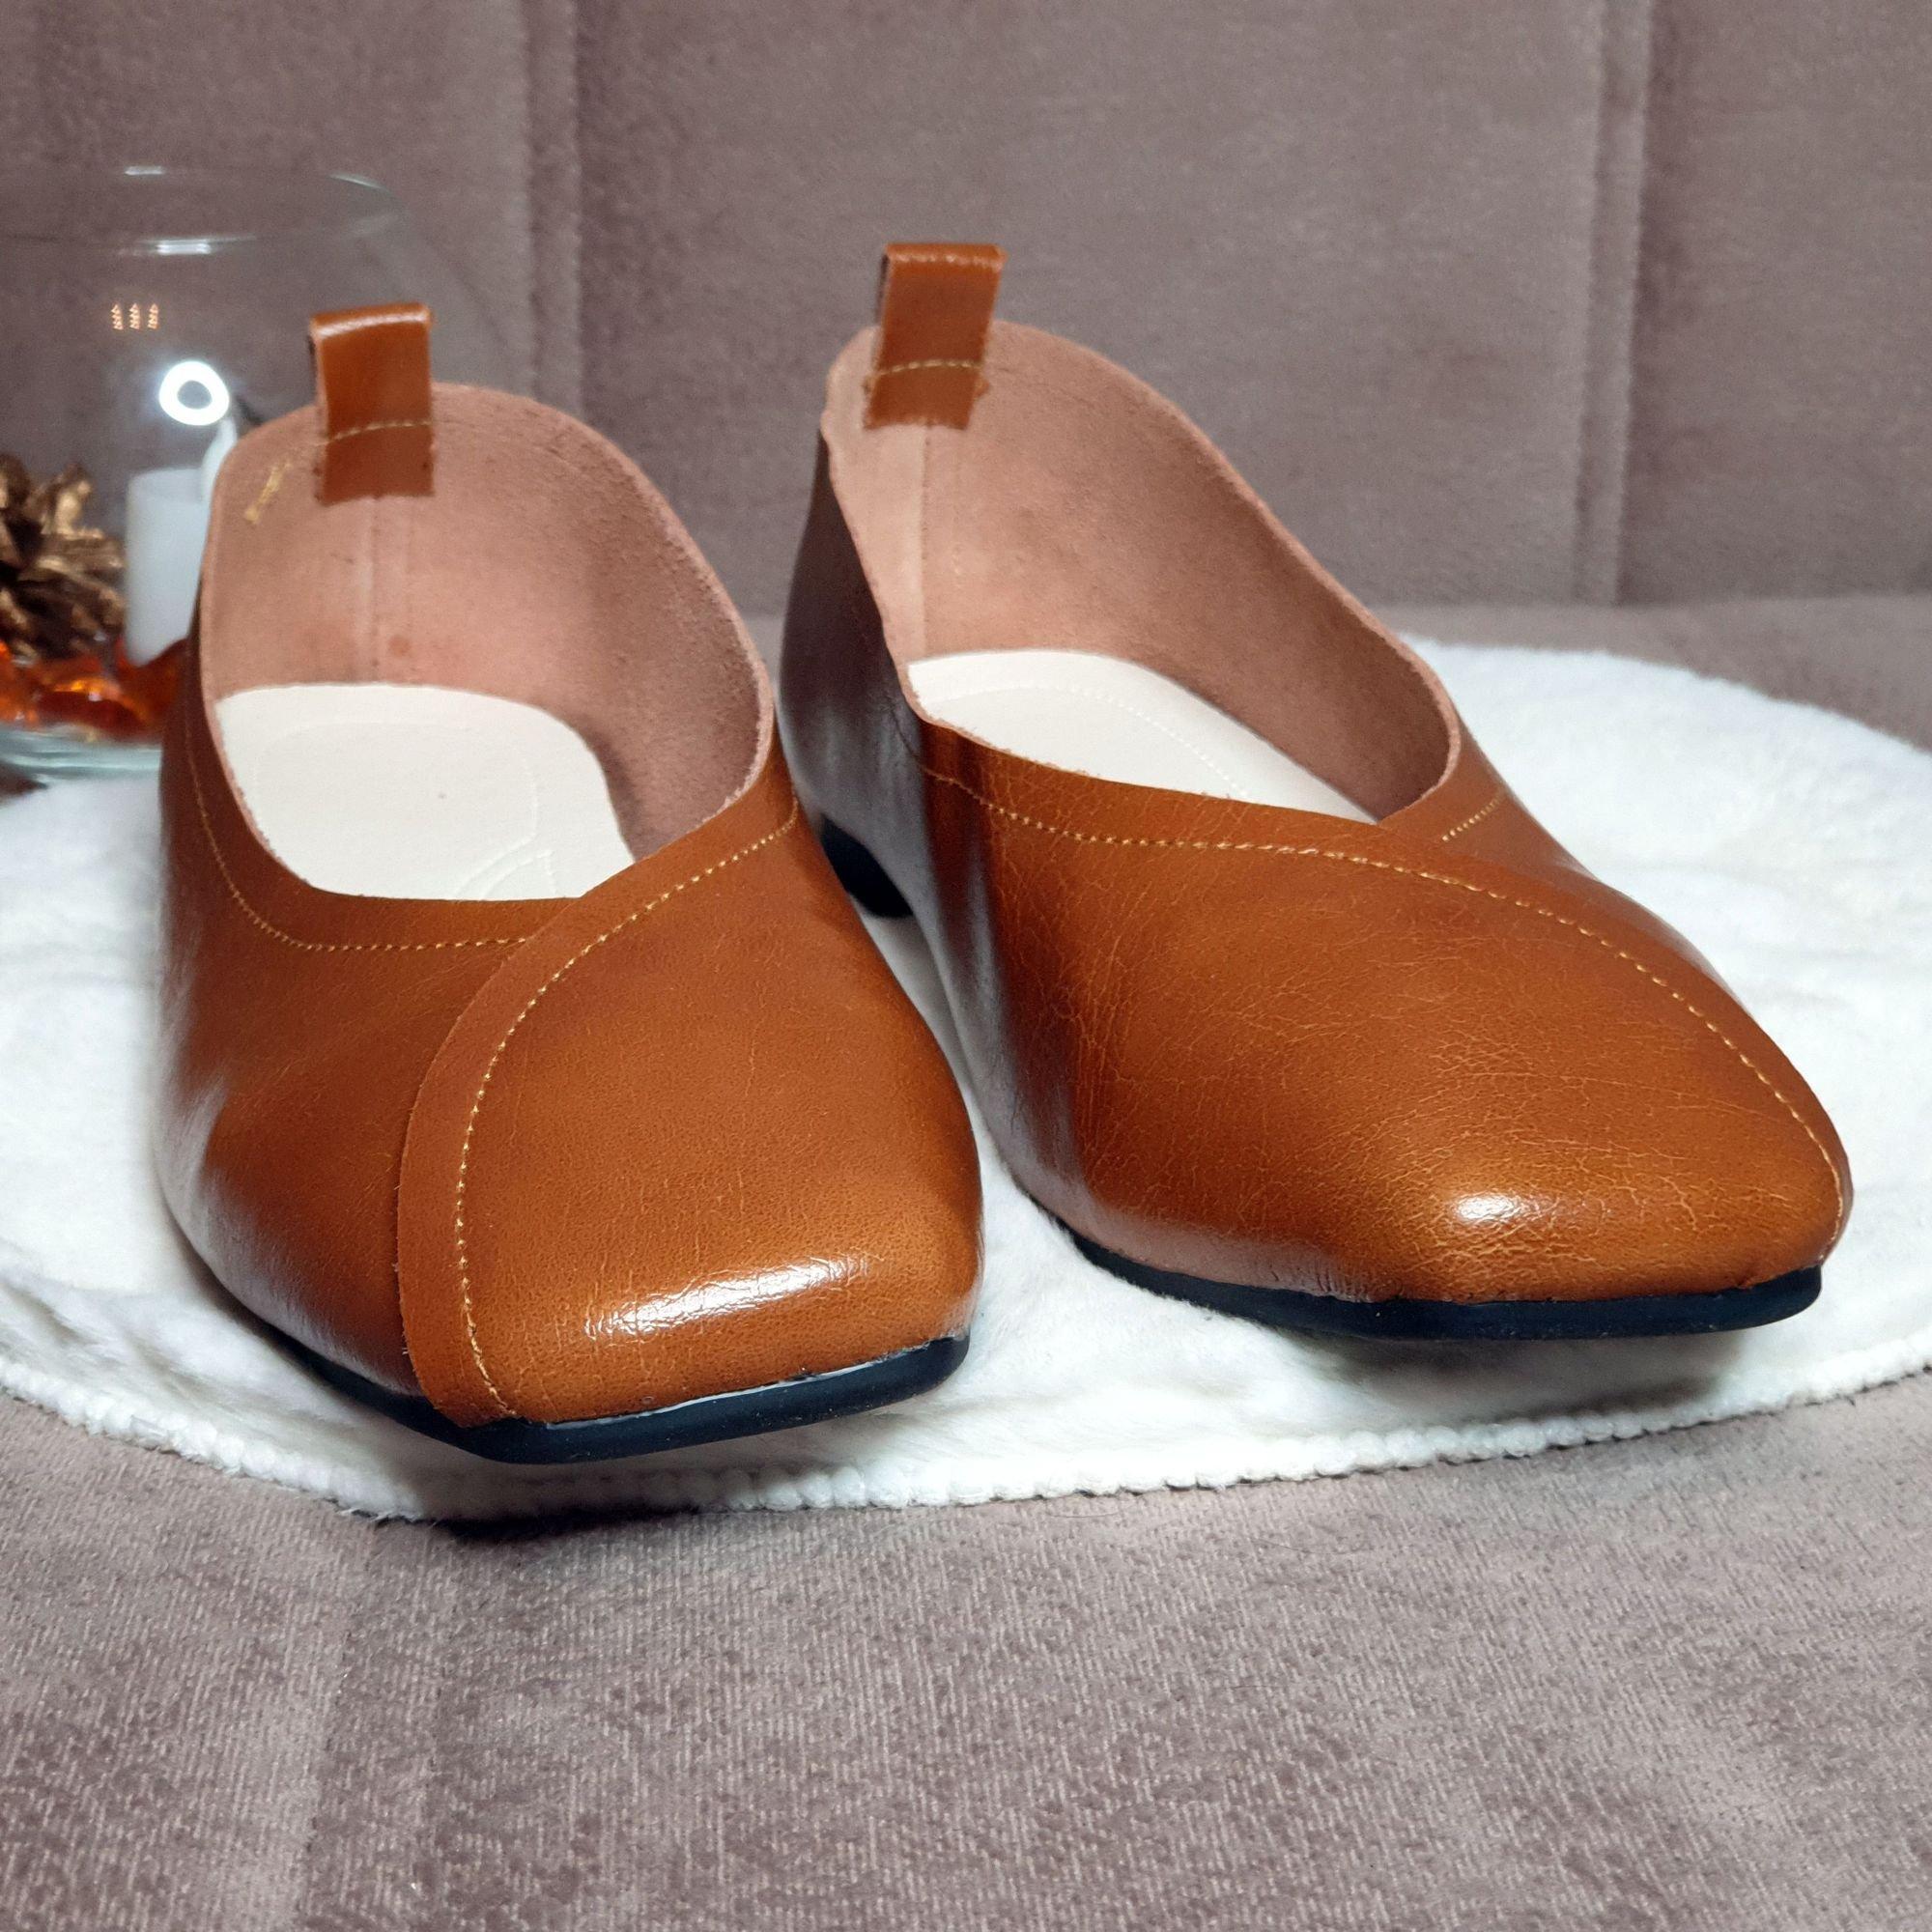 Отличные кожаные туфли на каждый день: распаковка и примерка. - купить